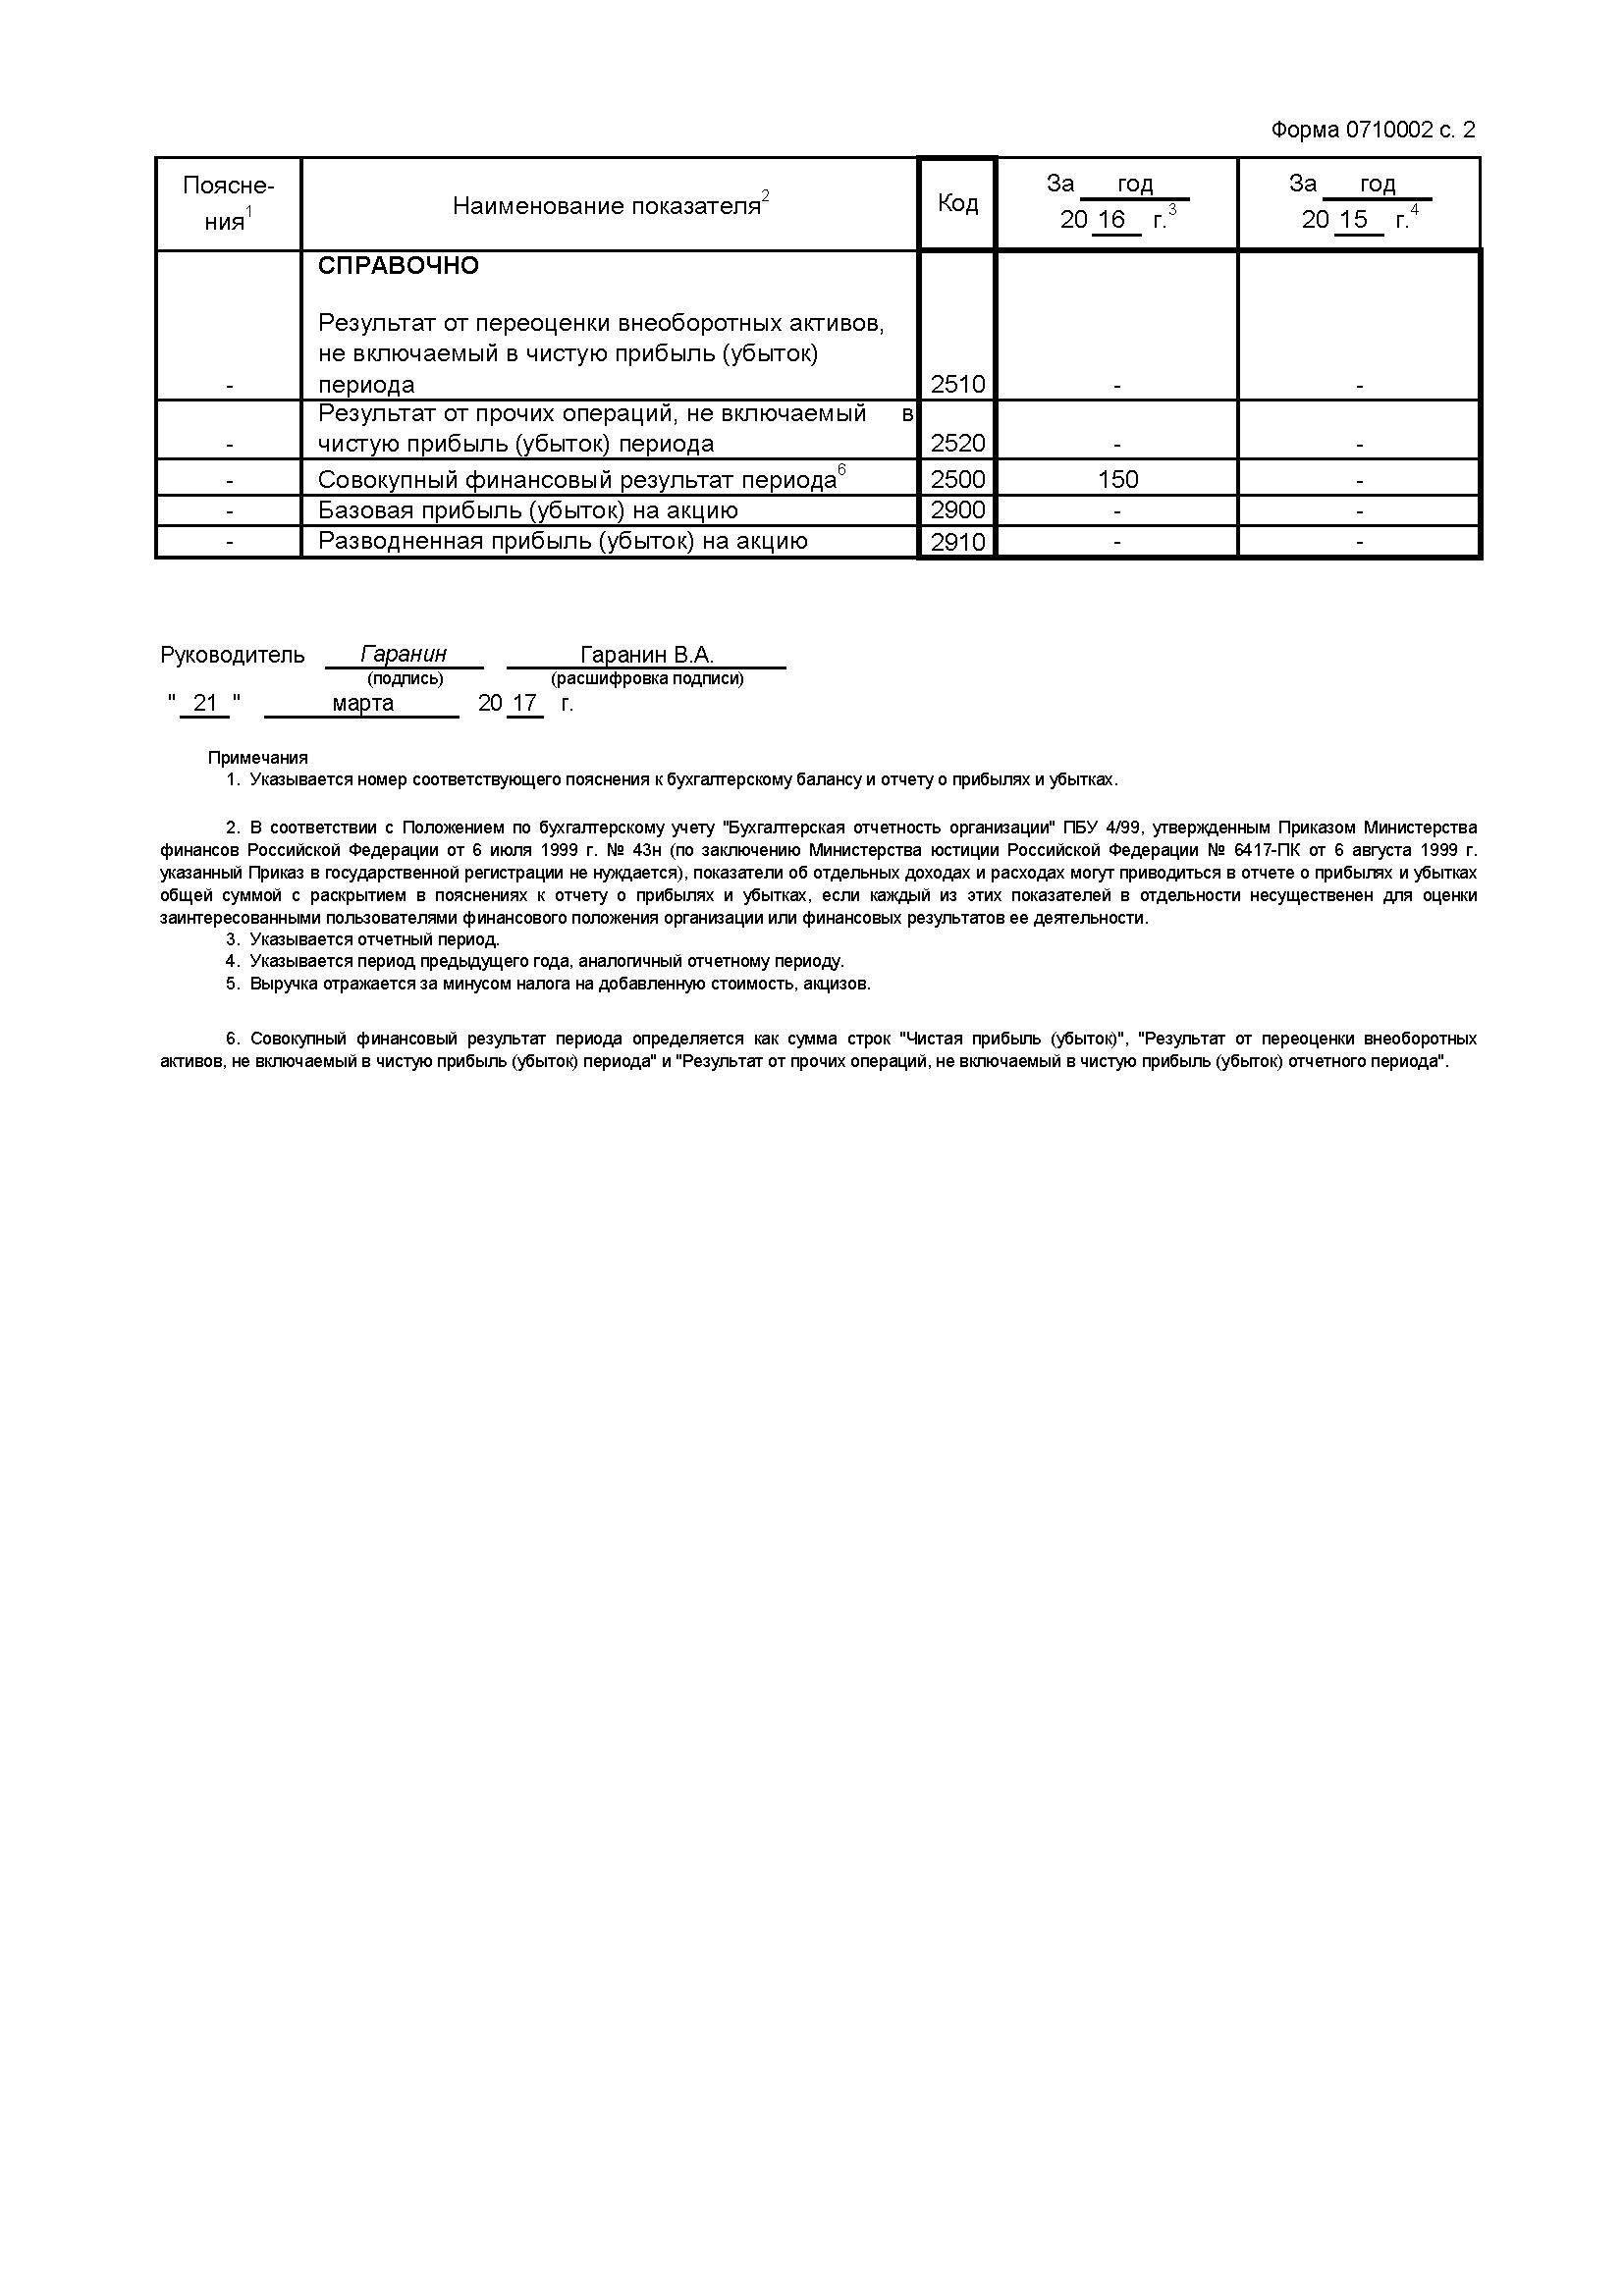 бланк заявления форма с-09-3-1